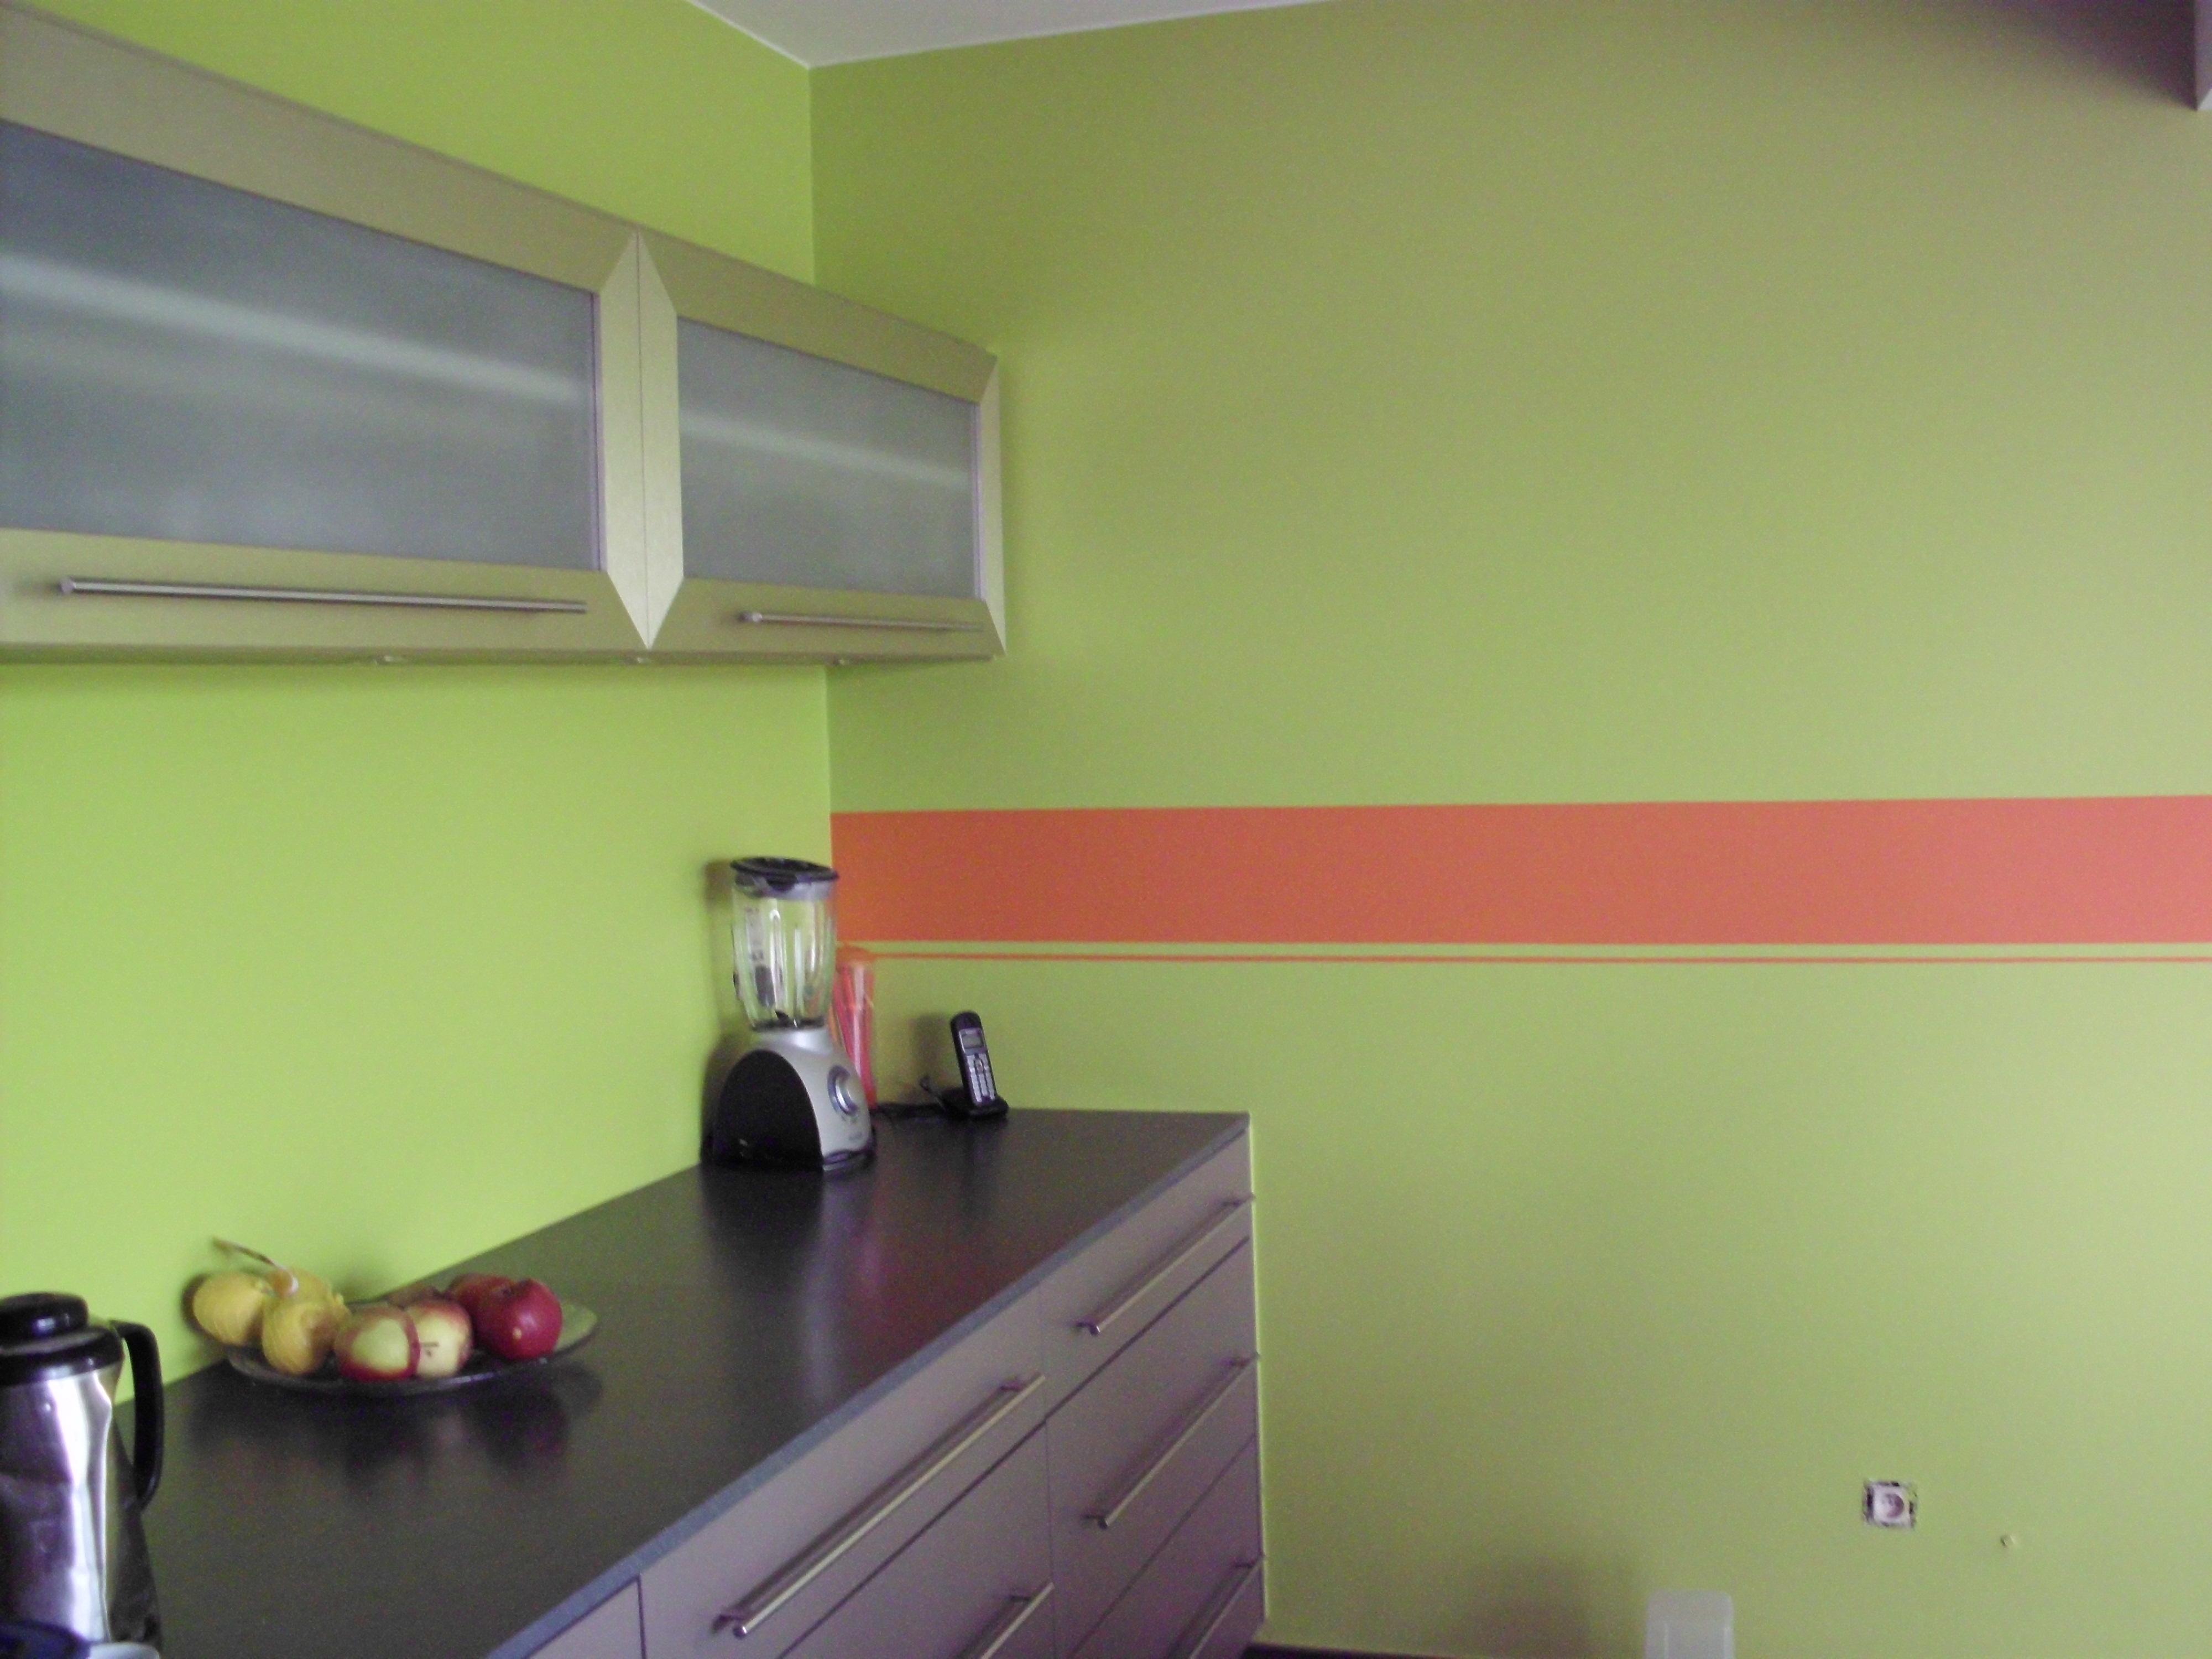 Veiga JL - Accueil - peinture intérieure et extérieure, aménagement ...